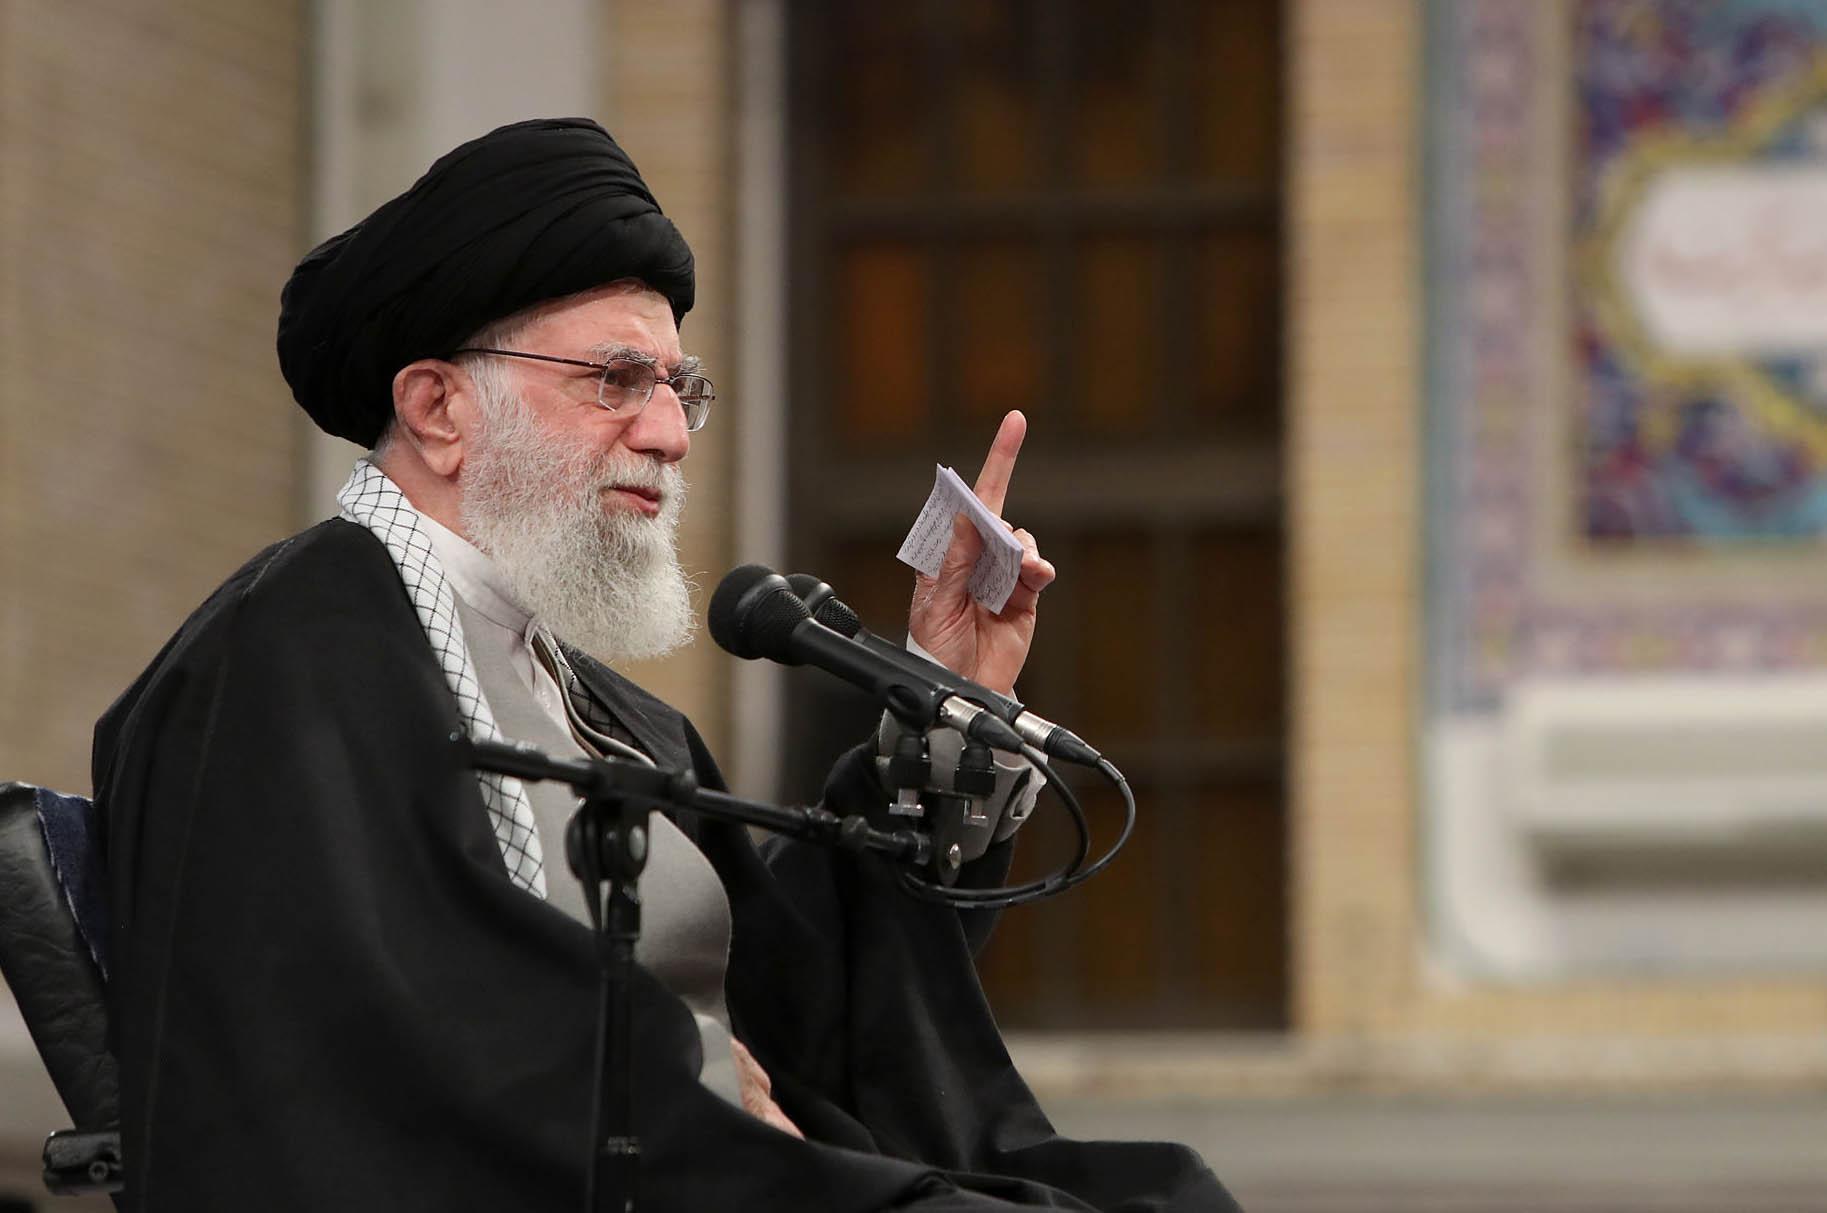 Пасьля рэвалюцыі 1979 году Іран афіцыйна зрабіўся ісламскай рэспублікай. Вярхоўным лідэрам краіны цяпер зьяўляецца Алі Хамэнэі. Які рэлігійны тытул ён мае?